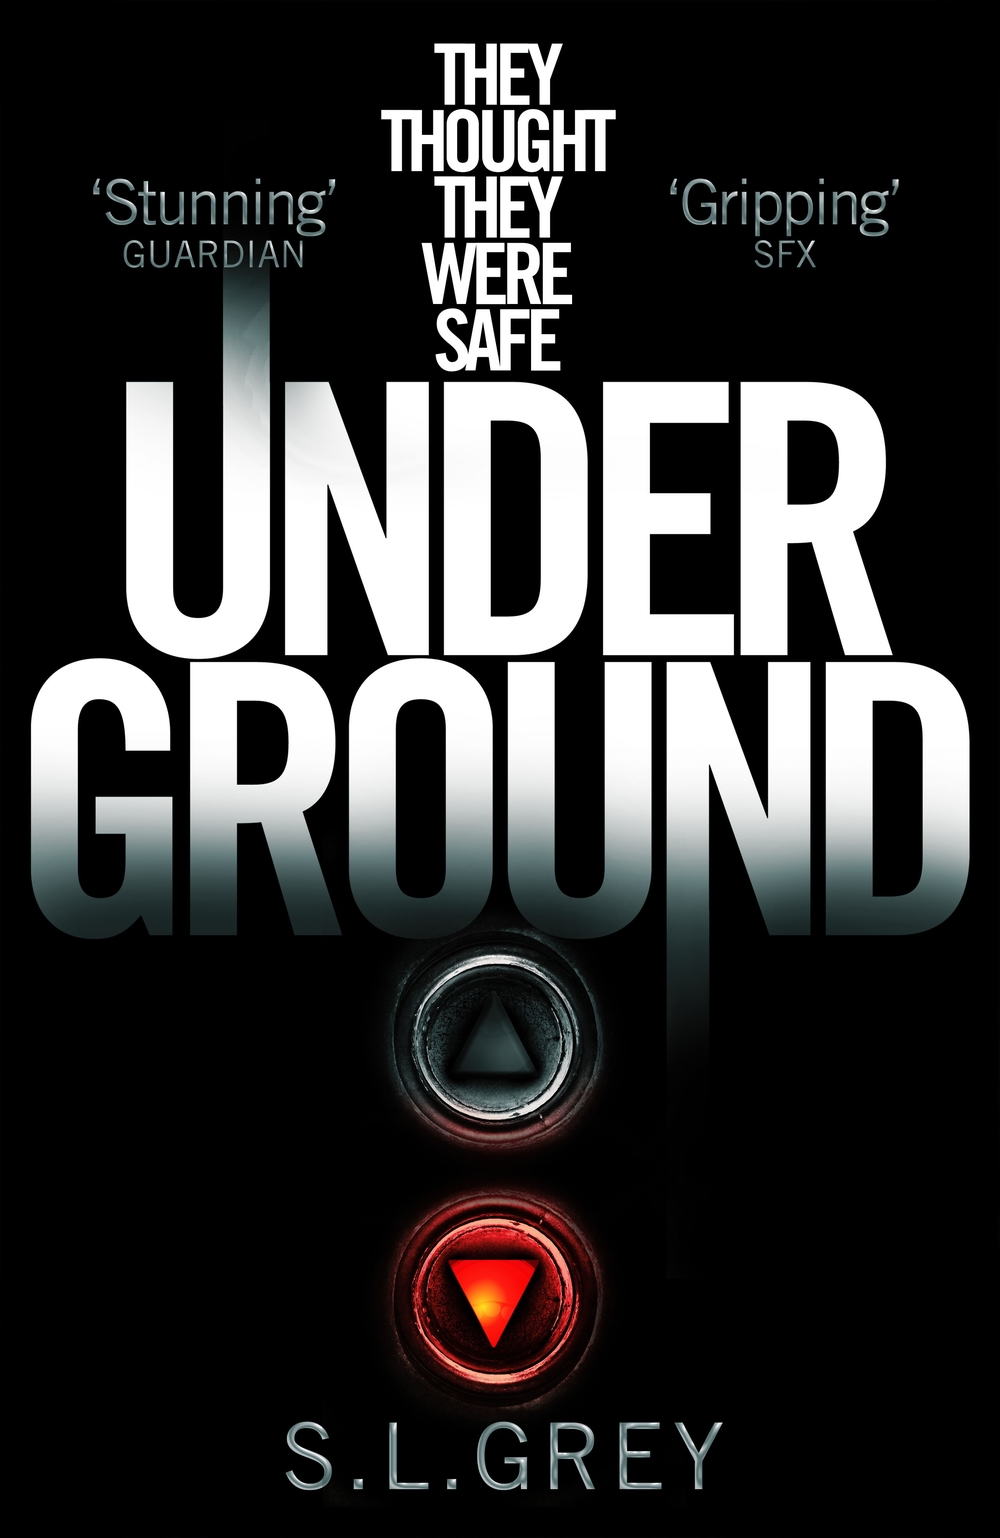 9781447266457Under Ground_4.jpg